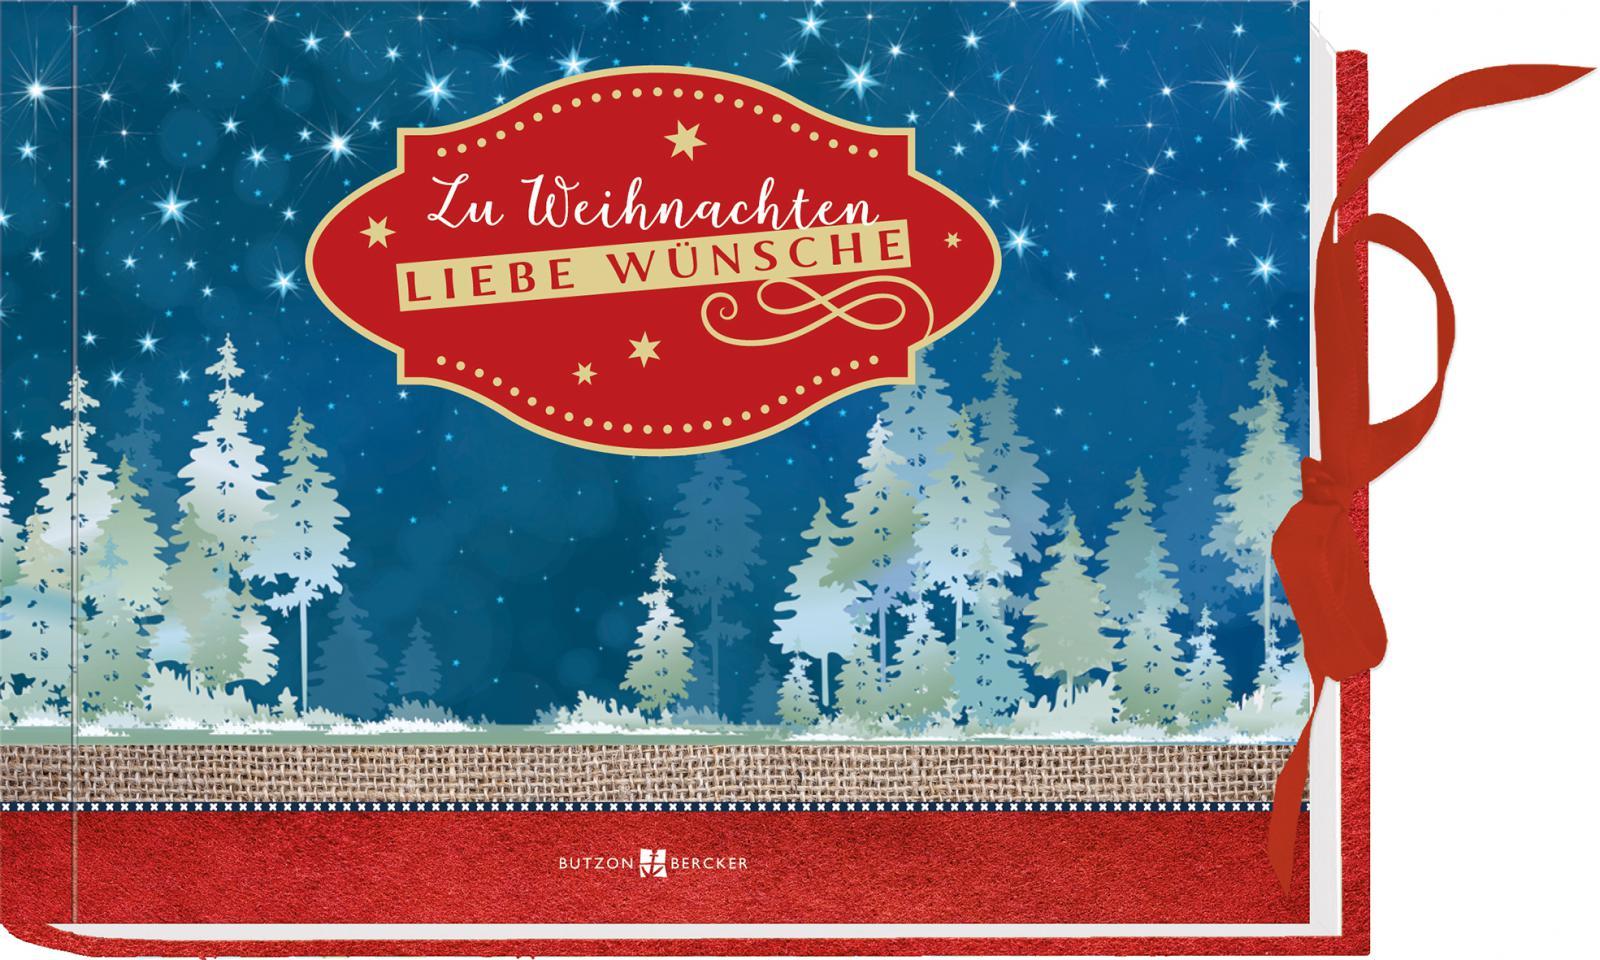 Christliche Wünsche Zu Weihnachten Christliche Weihnachtsgrüße